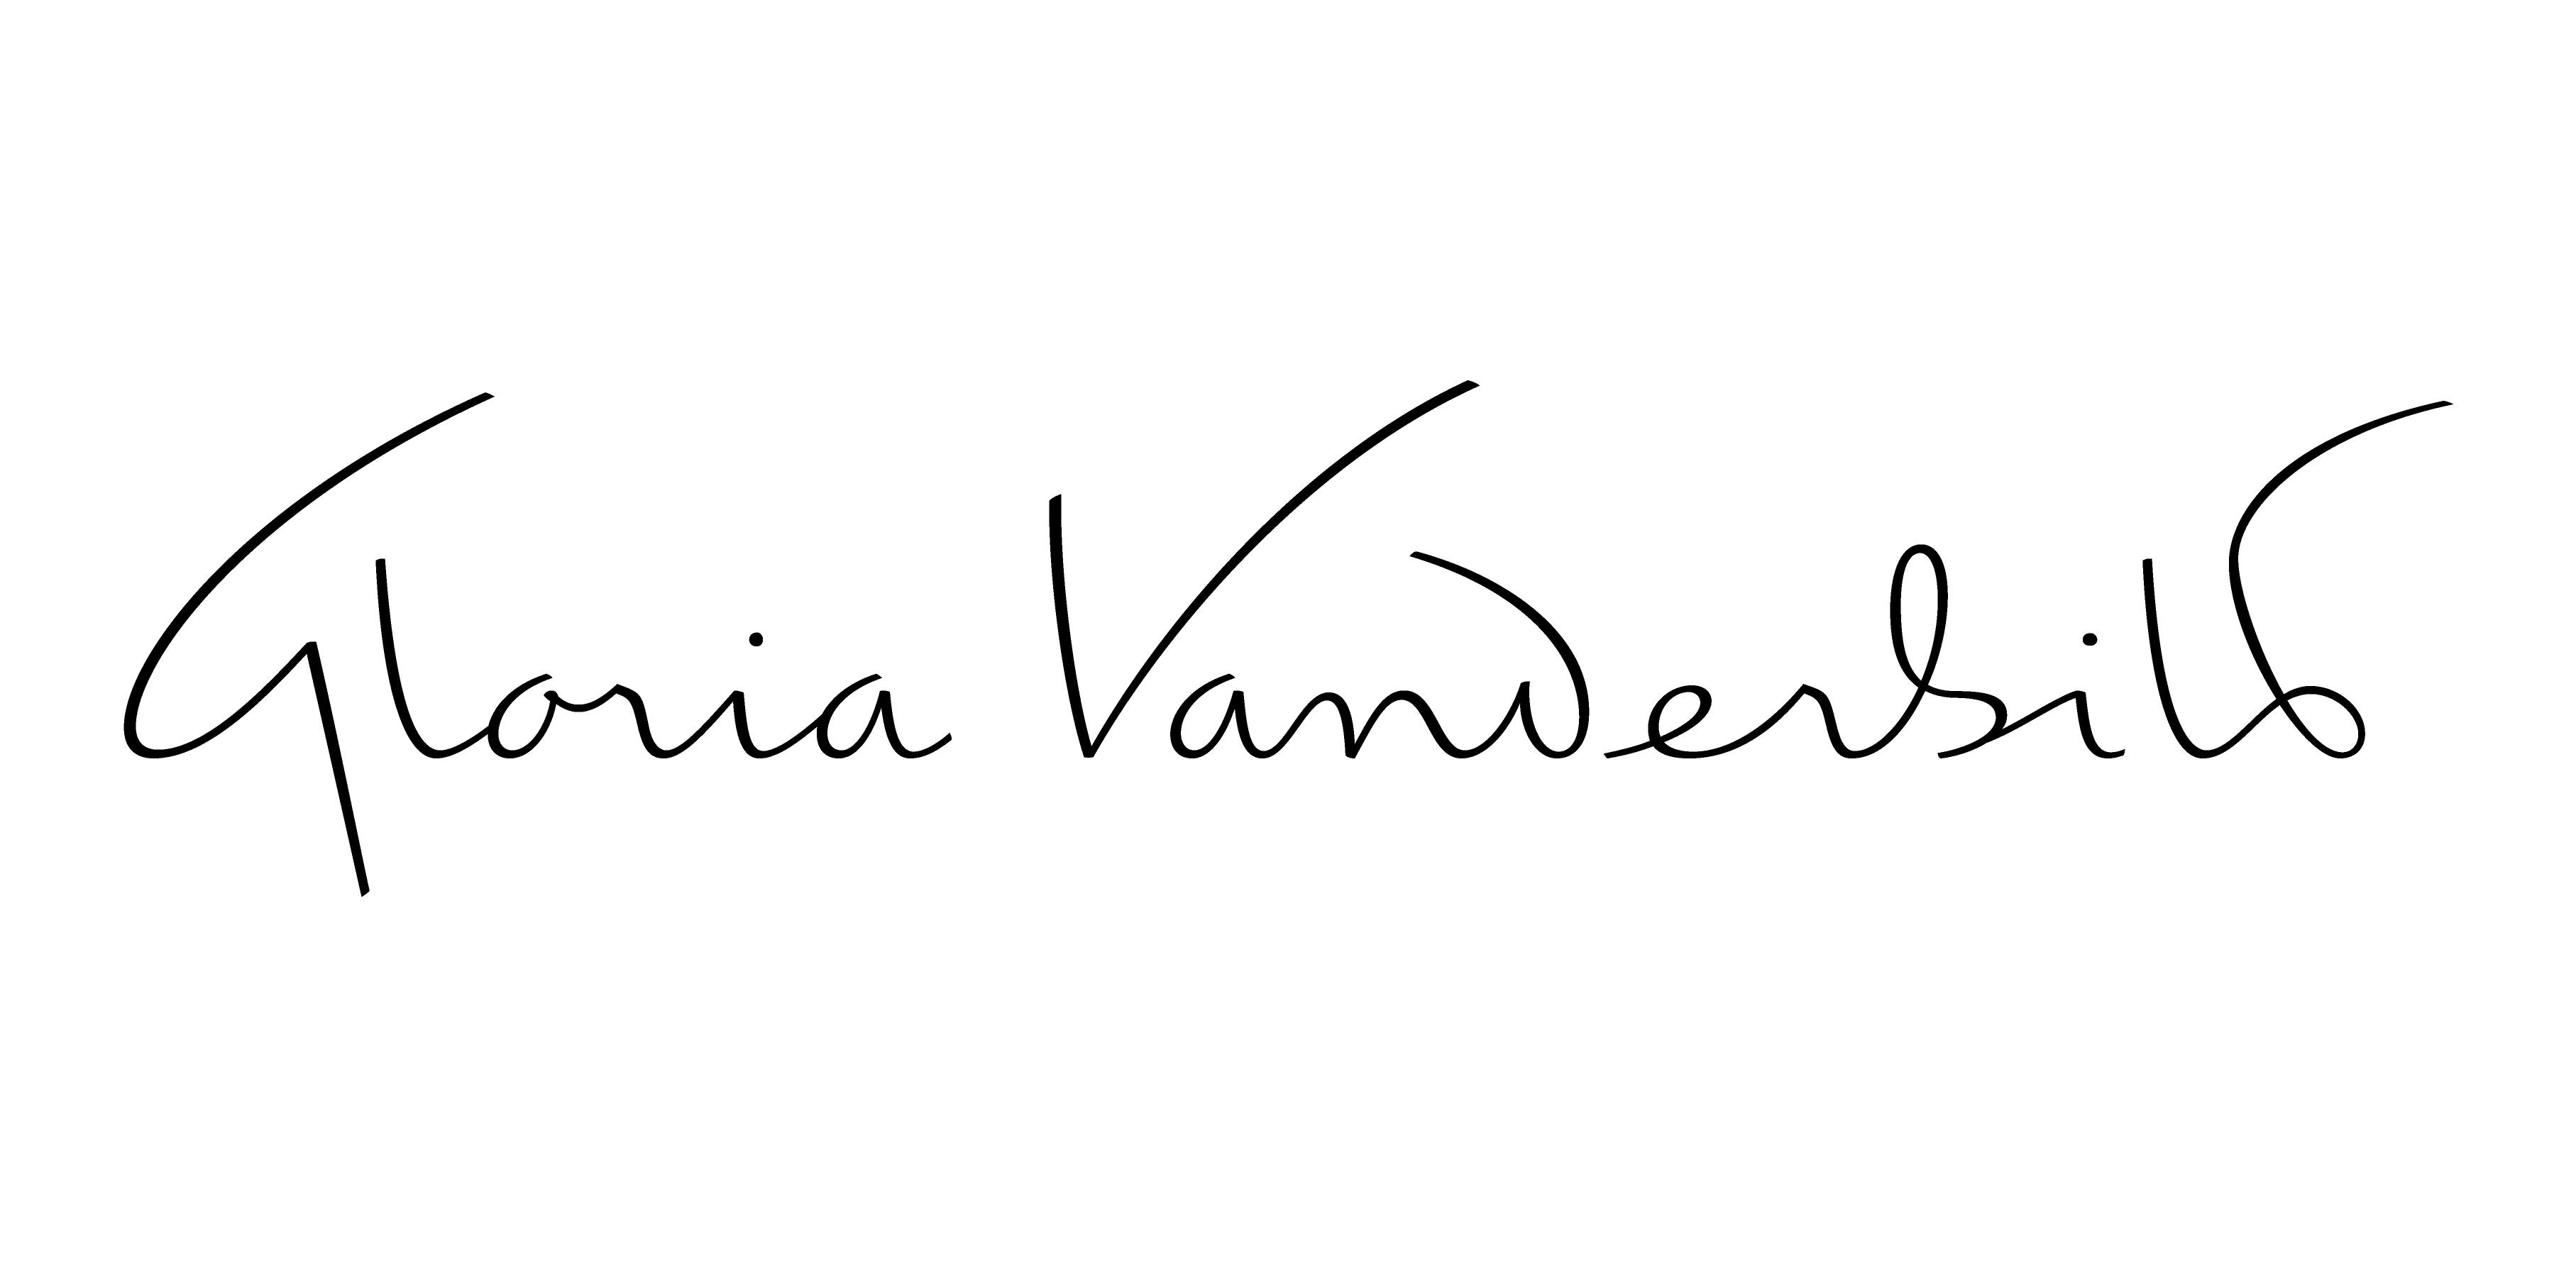 غلوريا فاندربيلت Gloria Vanderbilt